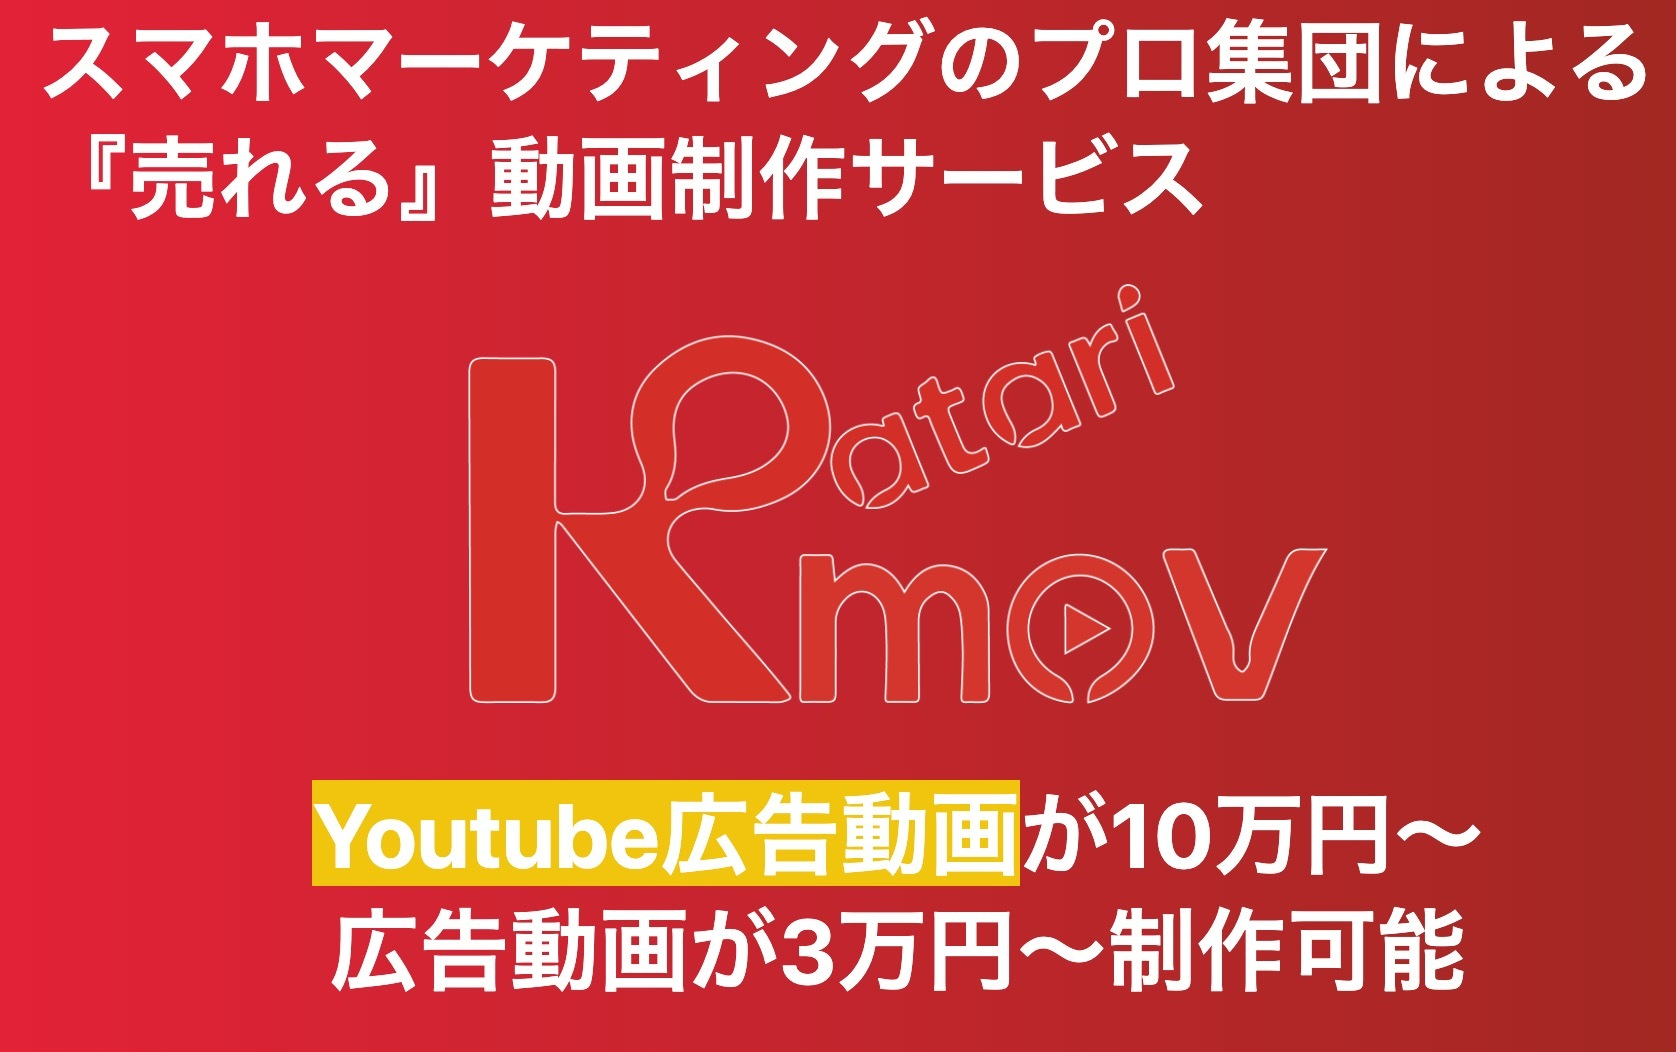 コンテンツマーケのカタリベ、YouTube広告に特化した動画制作を支援 ~動画時代における低価格動画... 画像